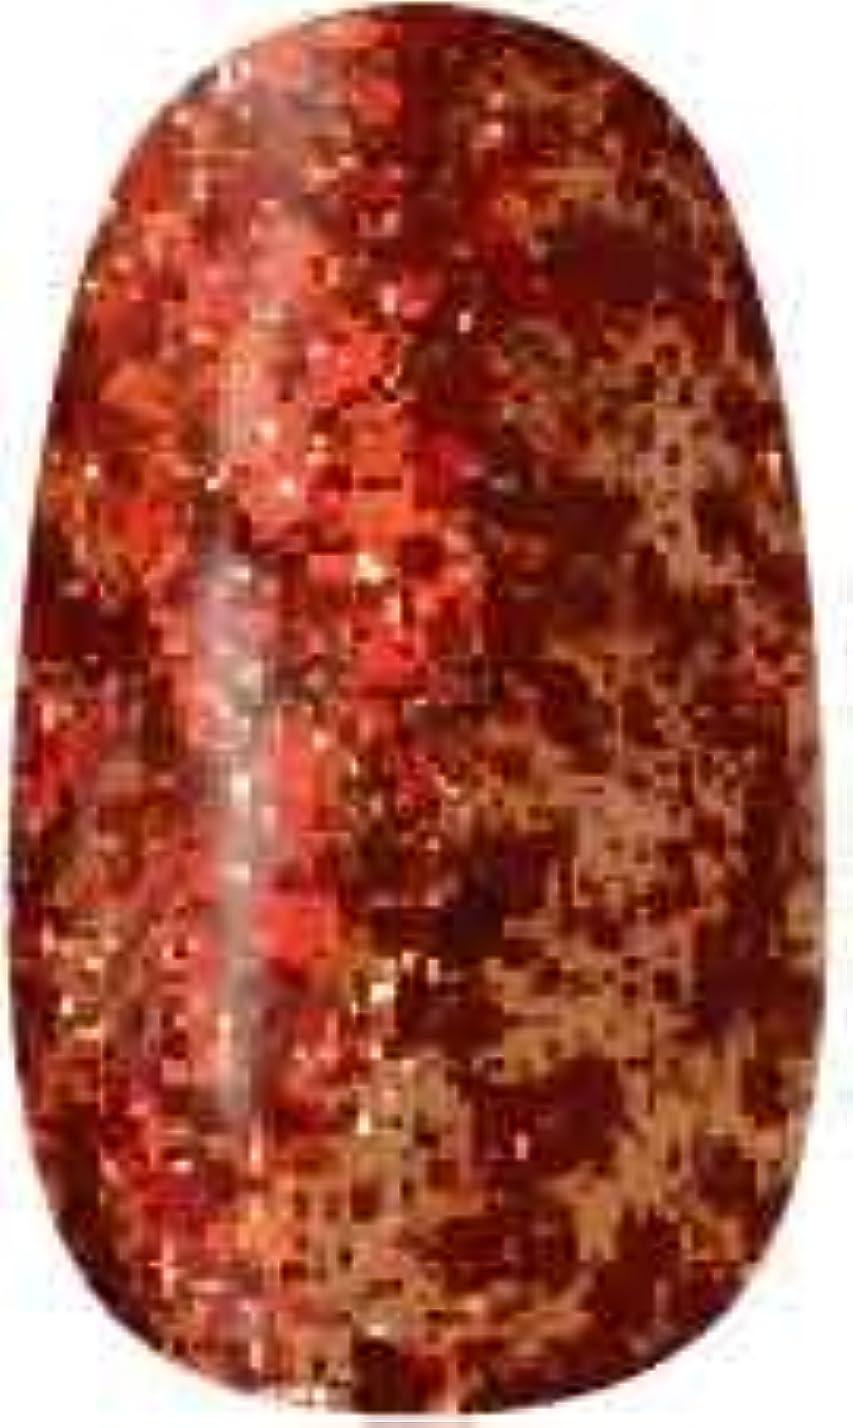 メンター妊娠したサーバラク カラージェル(88-キラメキレッド)8g 今話題のラクジェル 素早く仕上カラージェル 抜群の発色とツヤ 国産ポリッシュタイプ オールインワン ワンステップジェルネイル RAKU COLOR GEL #88